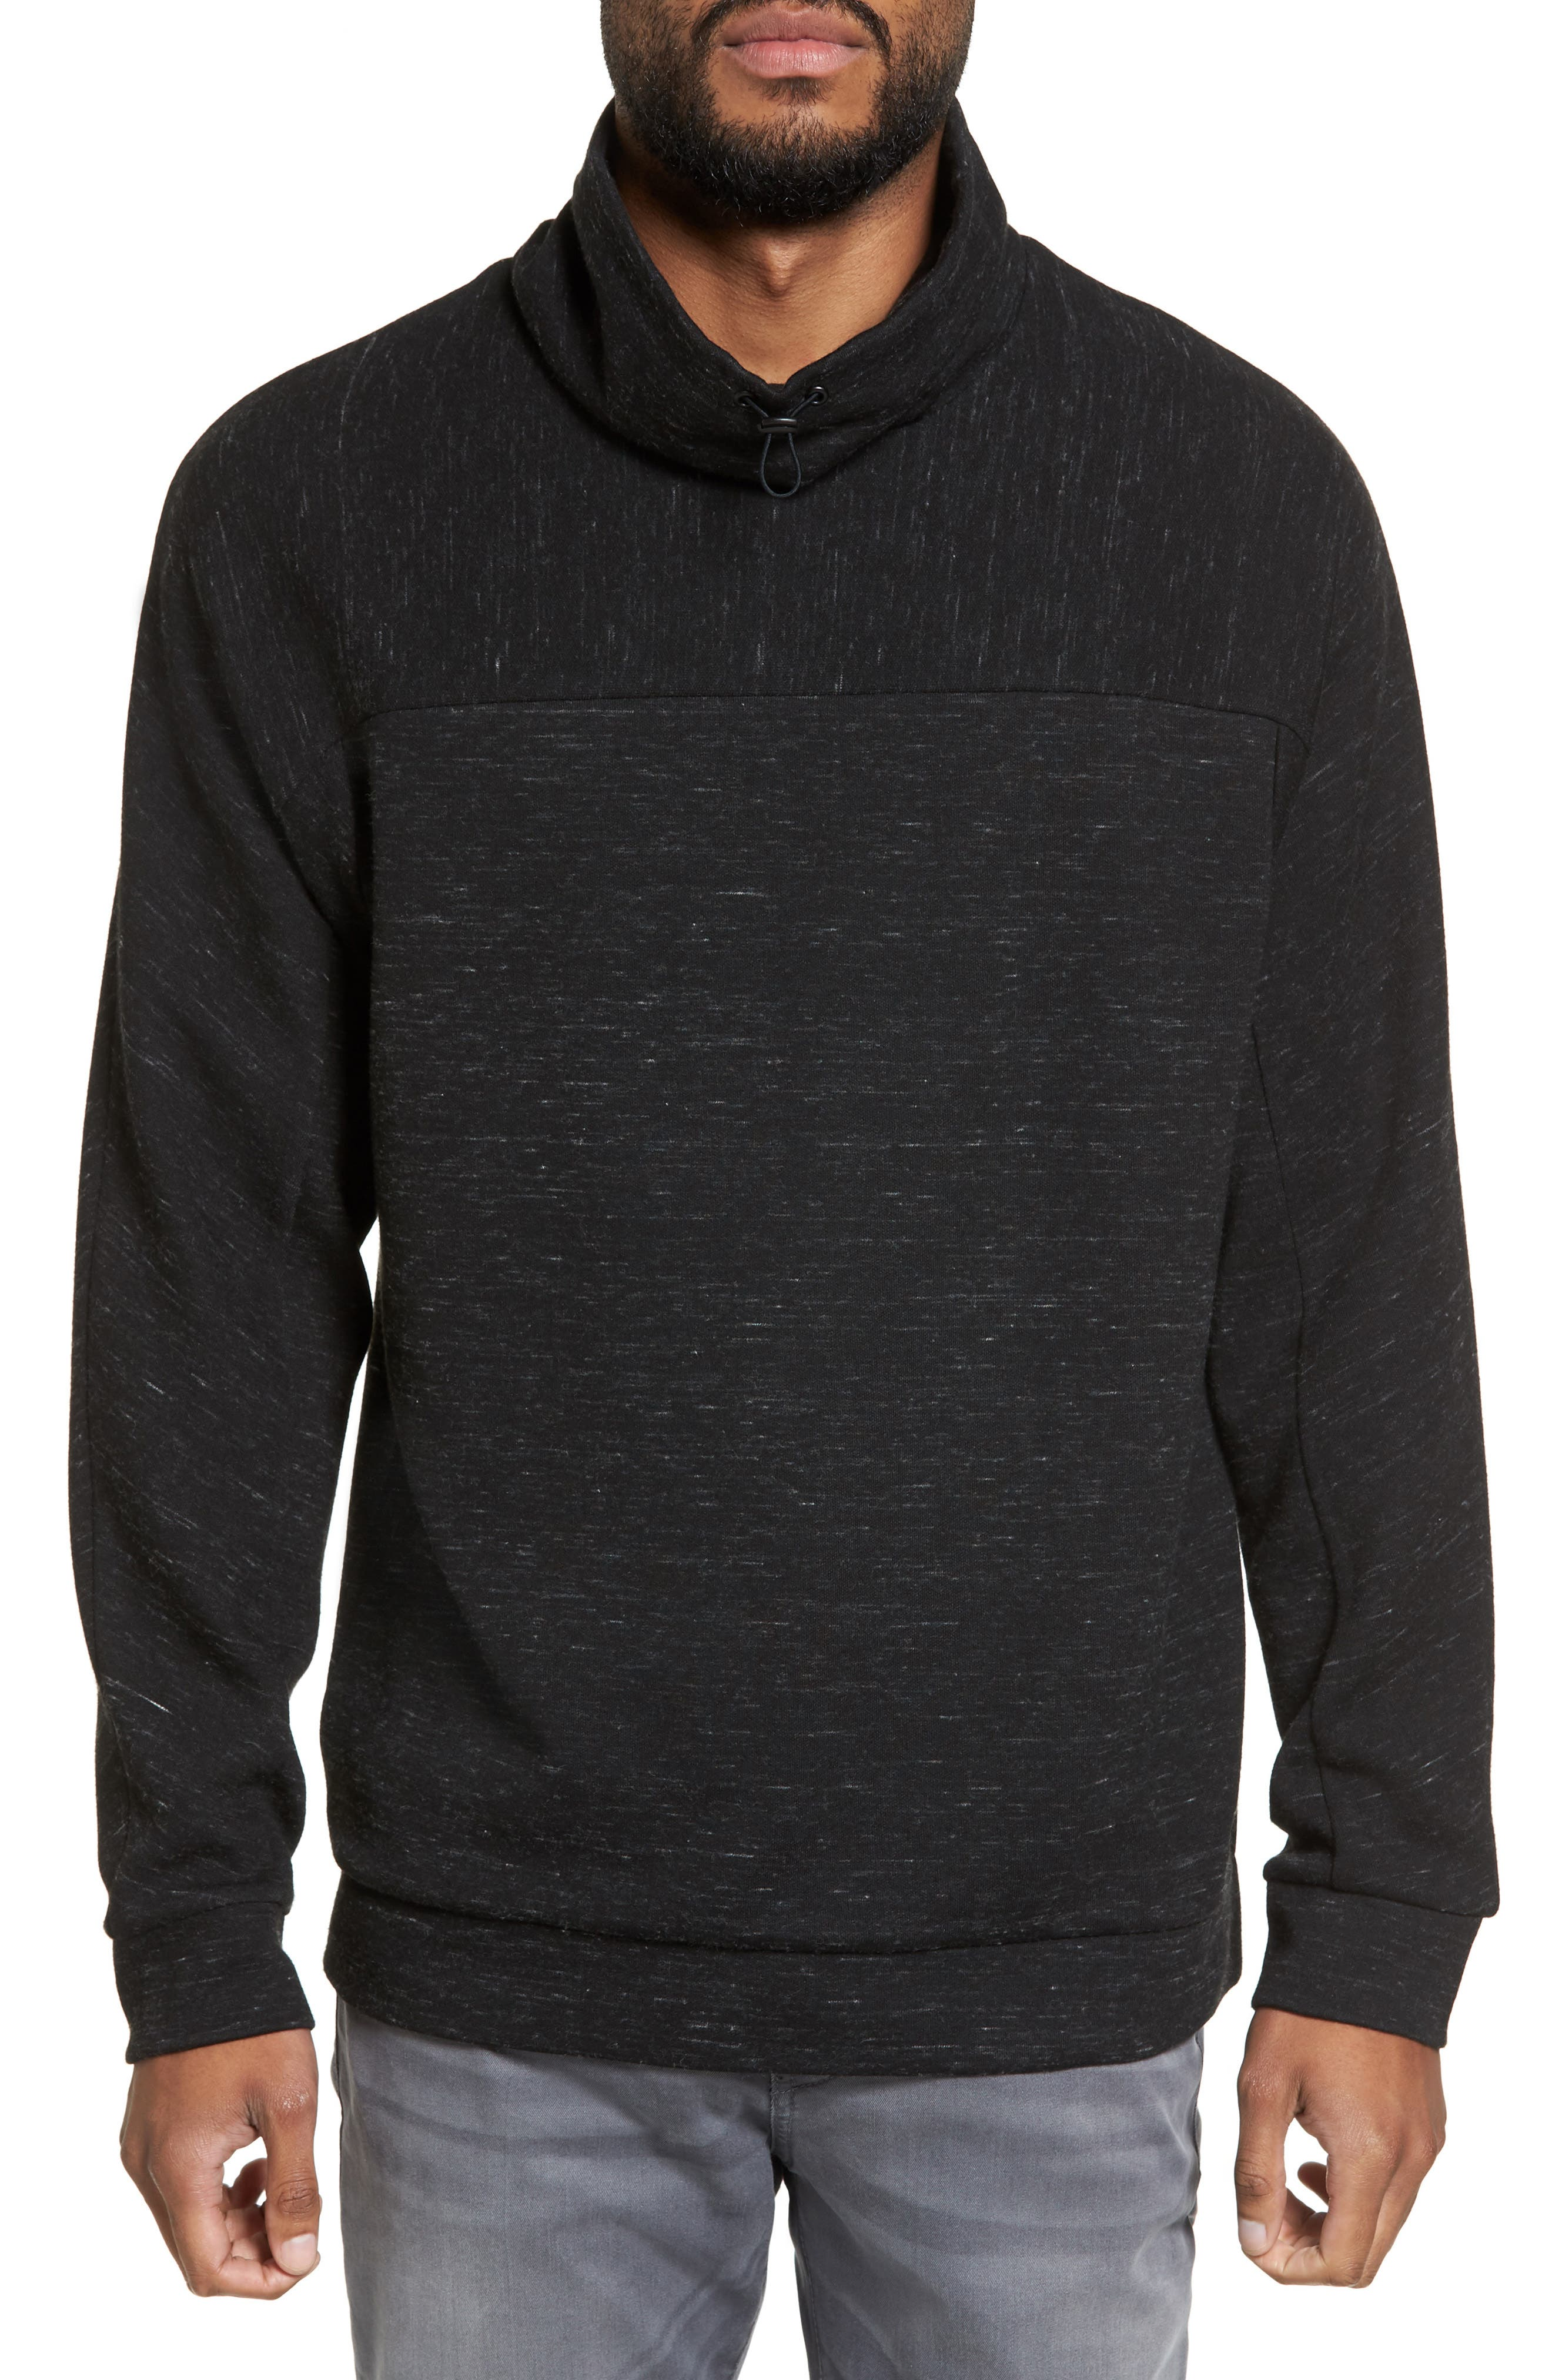 Space Dye Fleece Pullover,                         Main,                         color, Black Spacedye